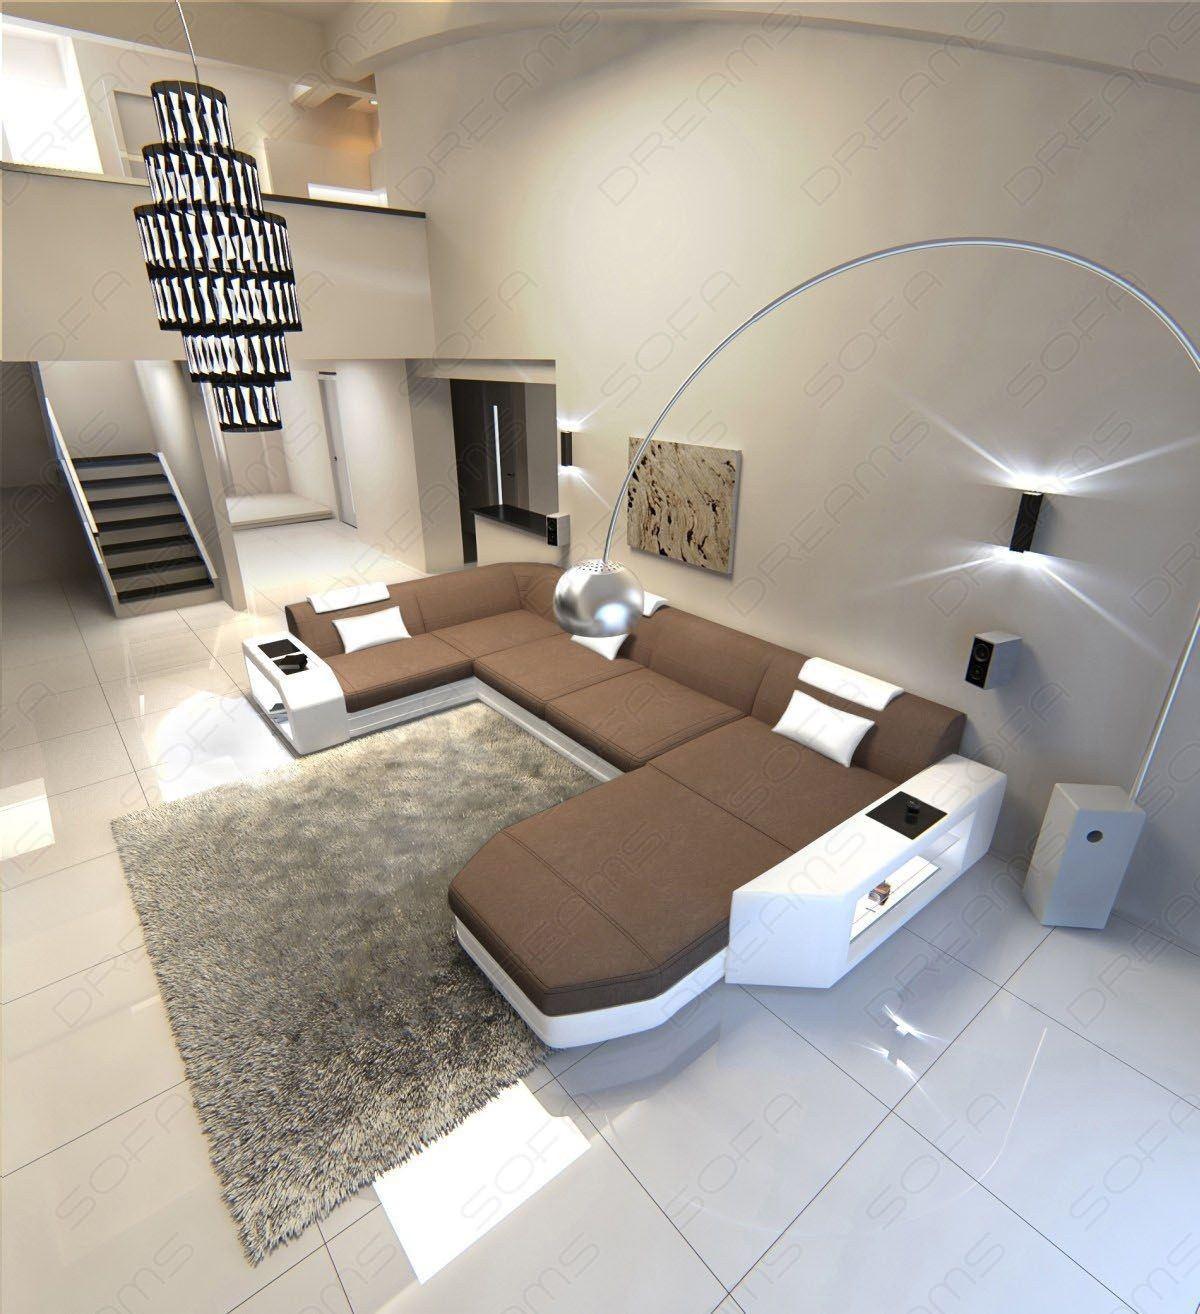 Stoff Couch Wohnlandschaft Presto LED Beleuchtung braun (Mineva 6)